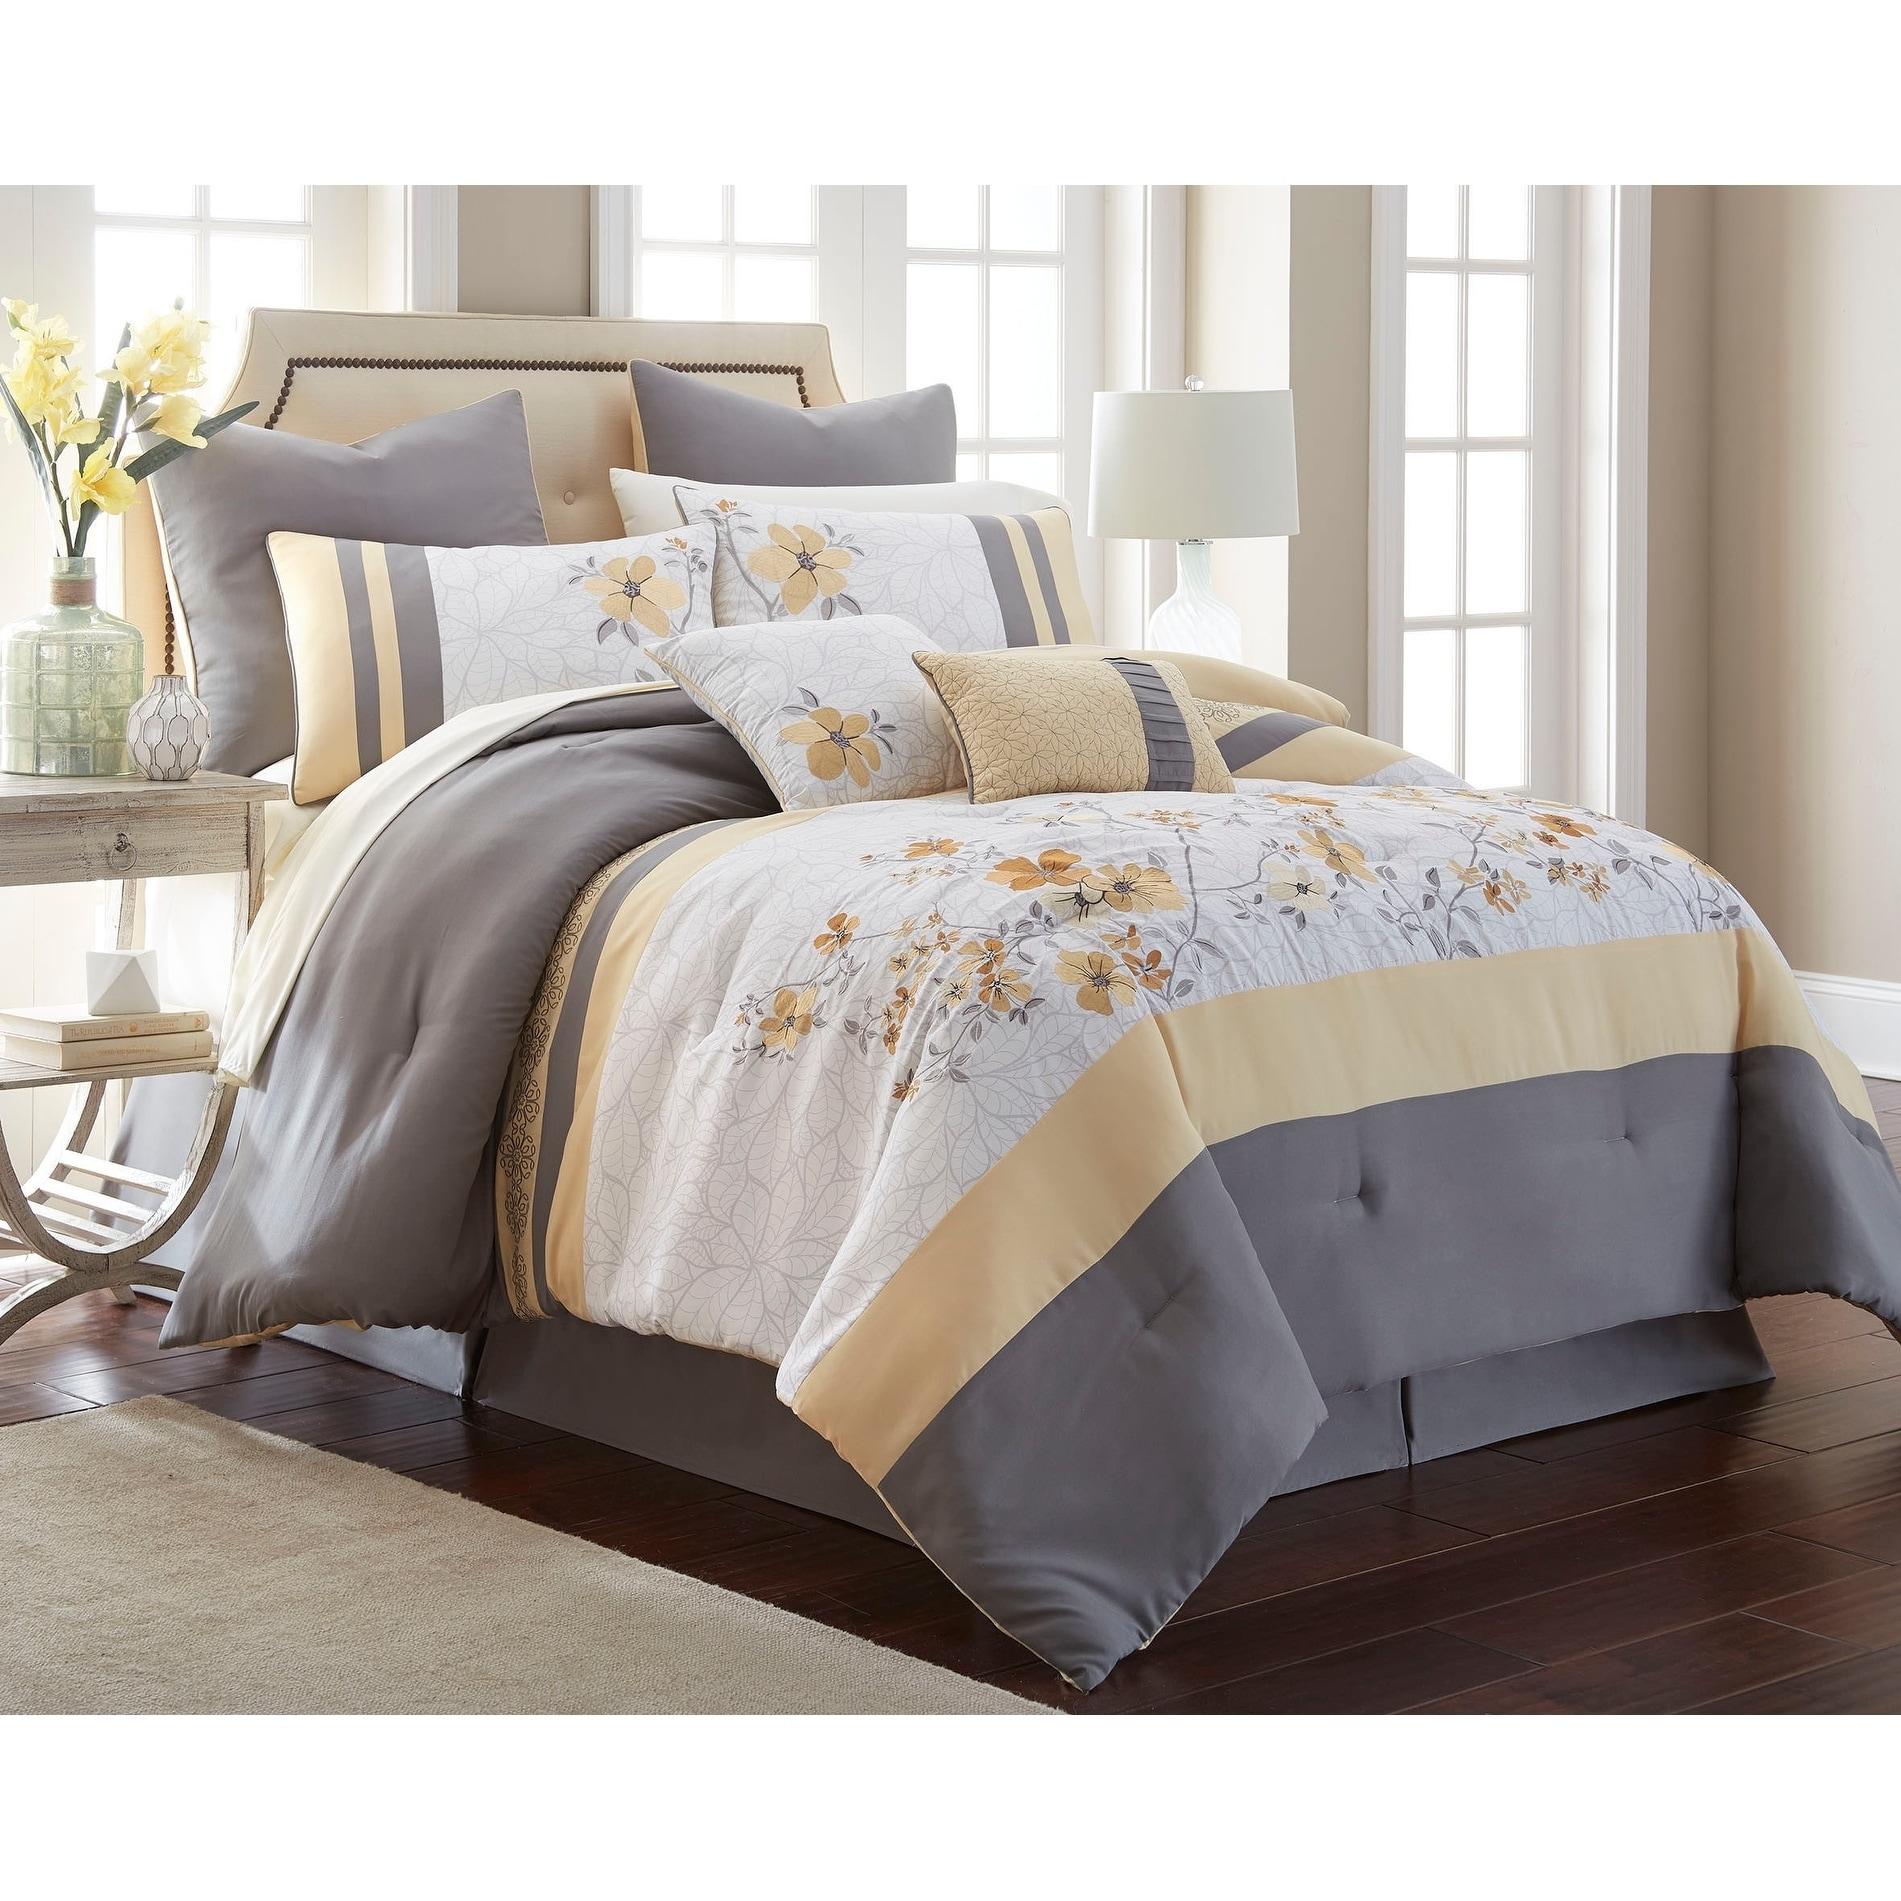 Comforter Sets Queen.Shop Dahlia 12 Piece Comforter Set Queen On Sale Overstock